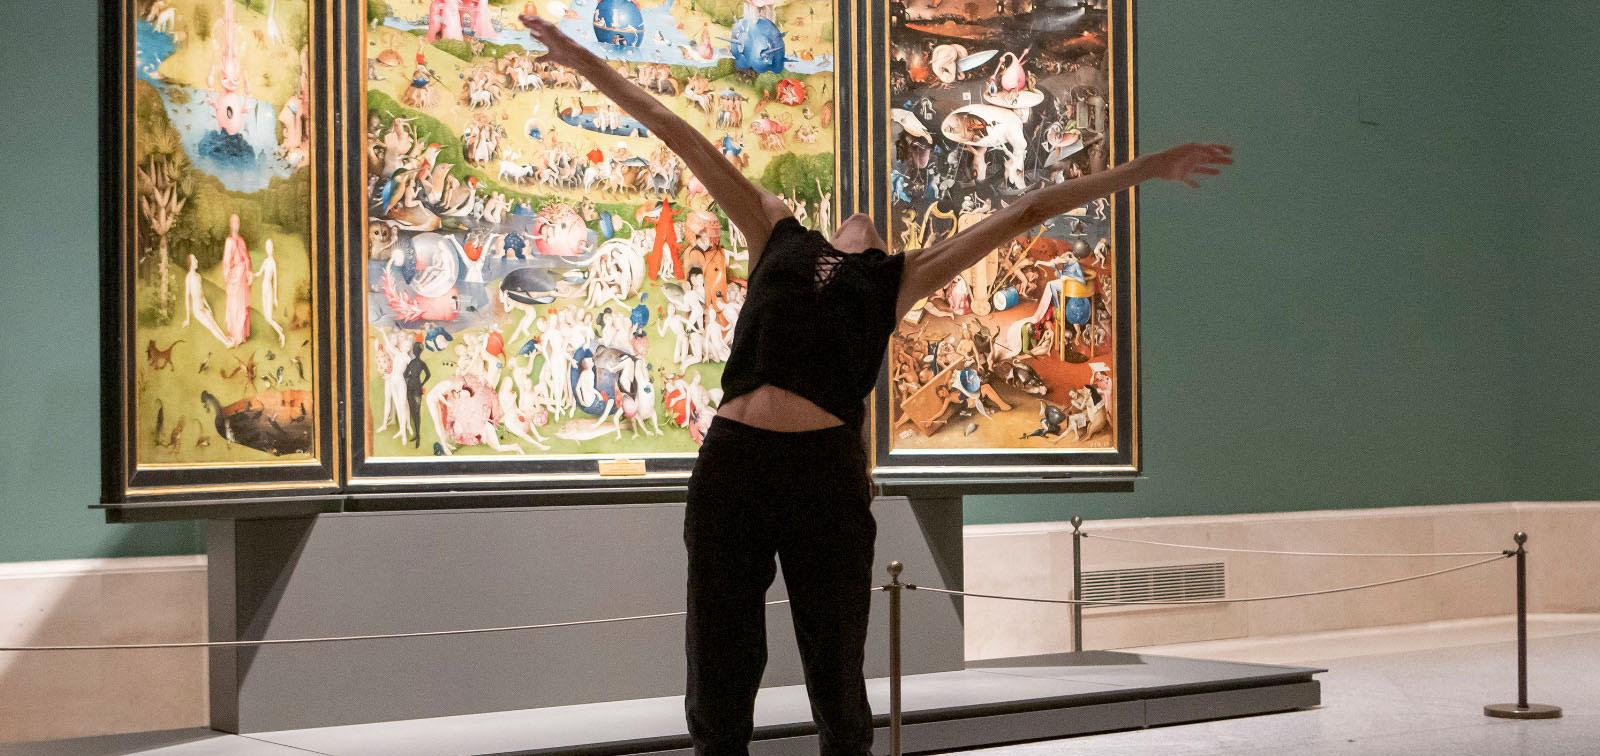 Danza en el aniversario del Museo